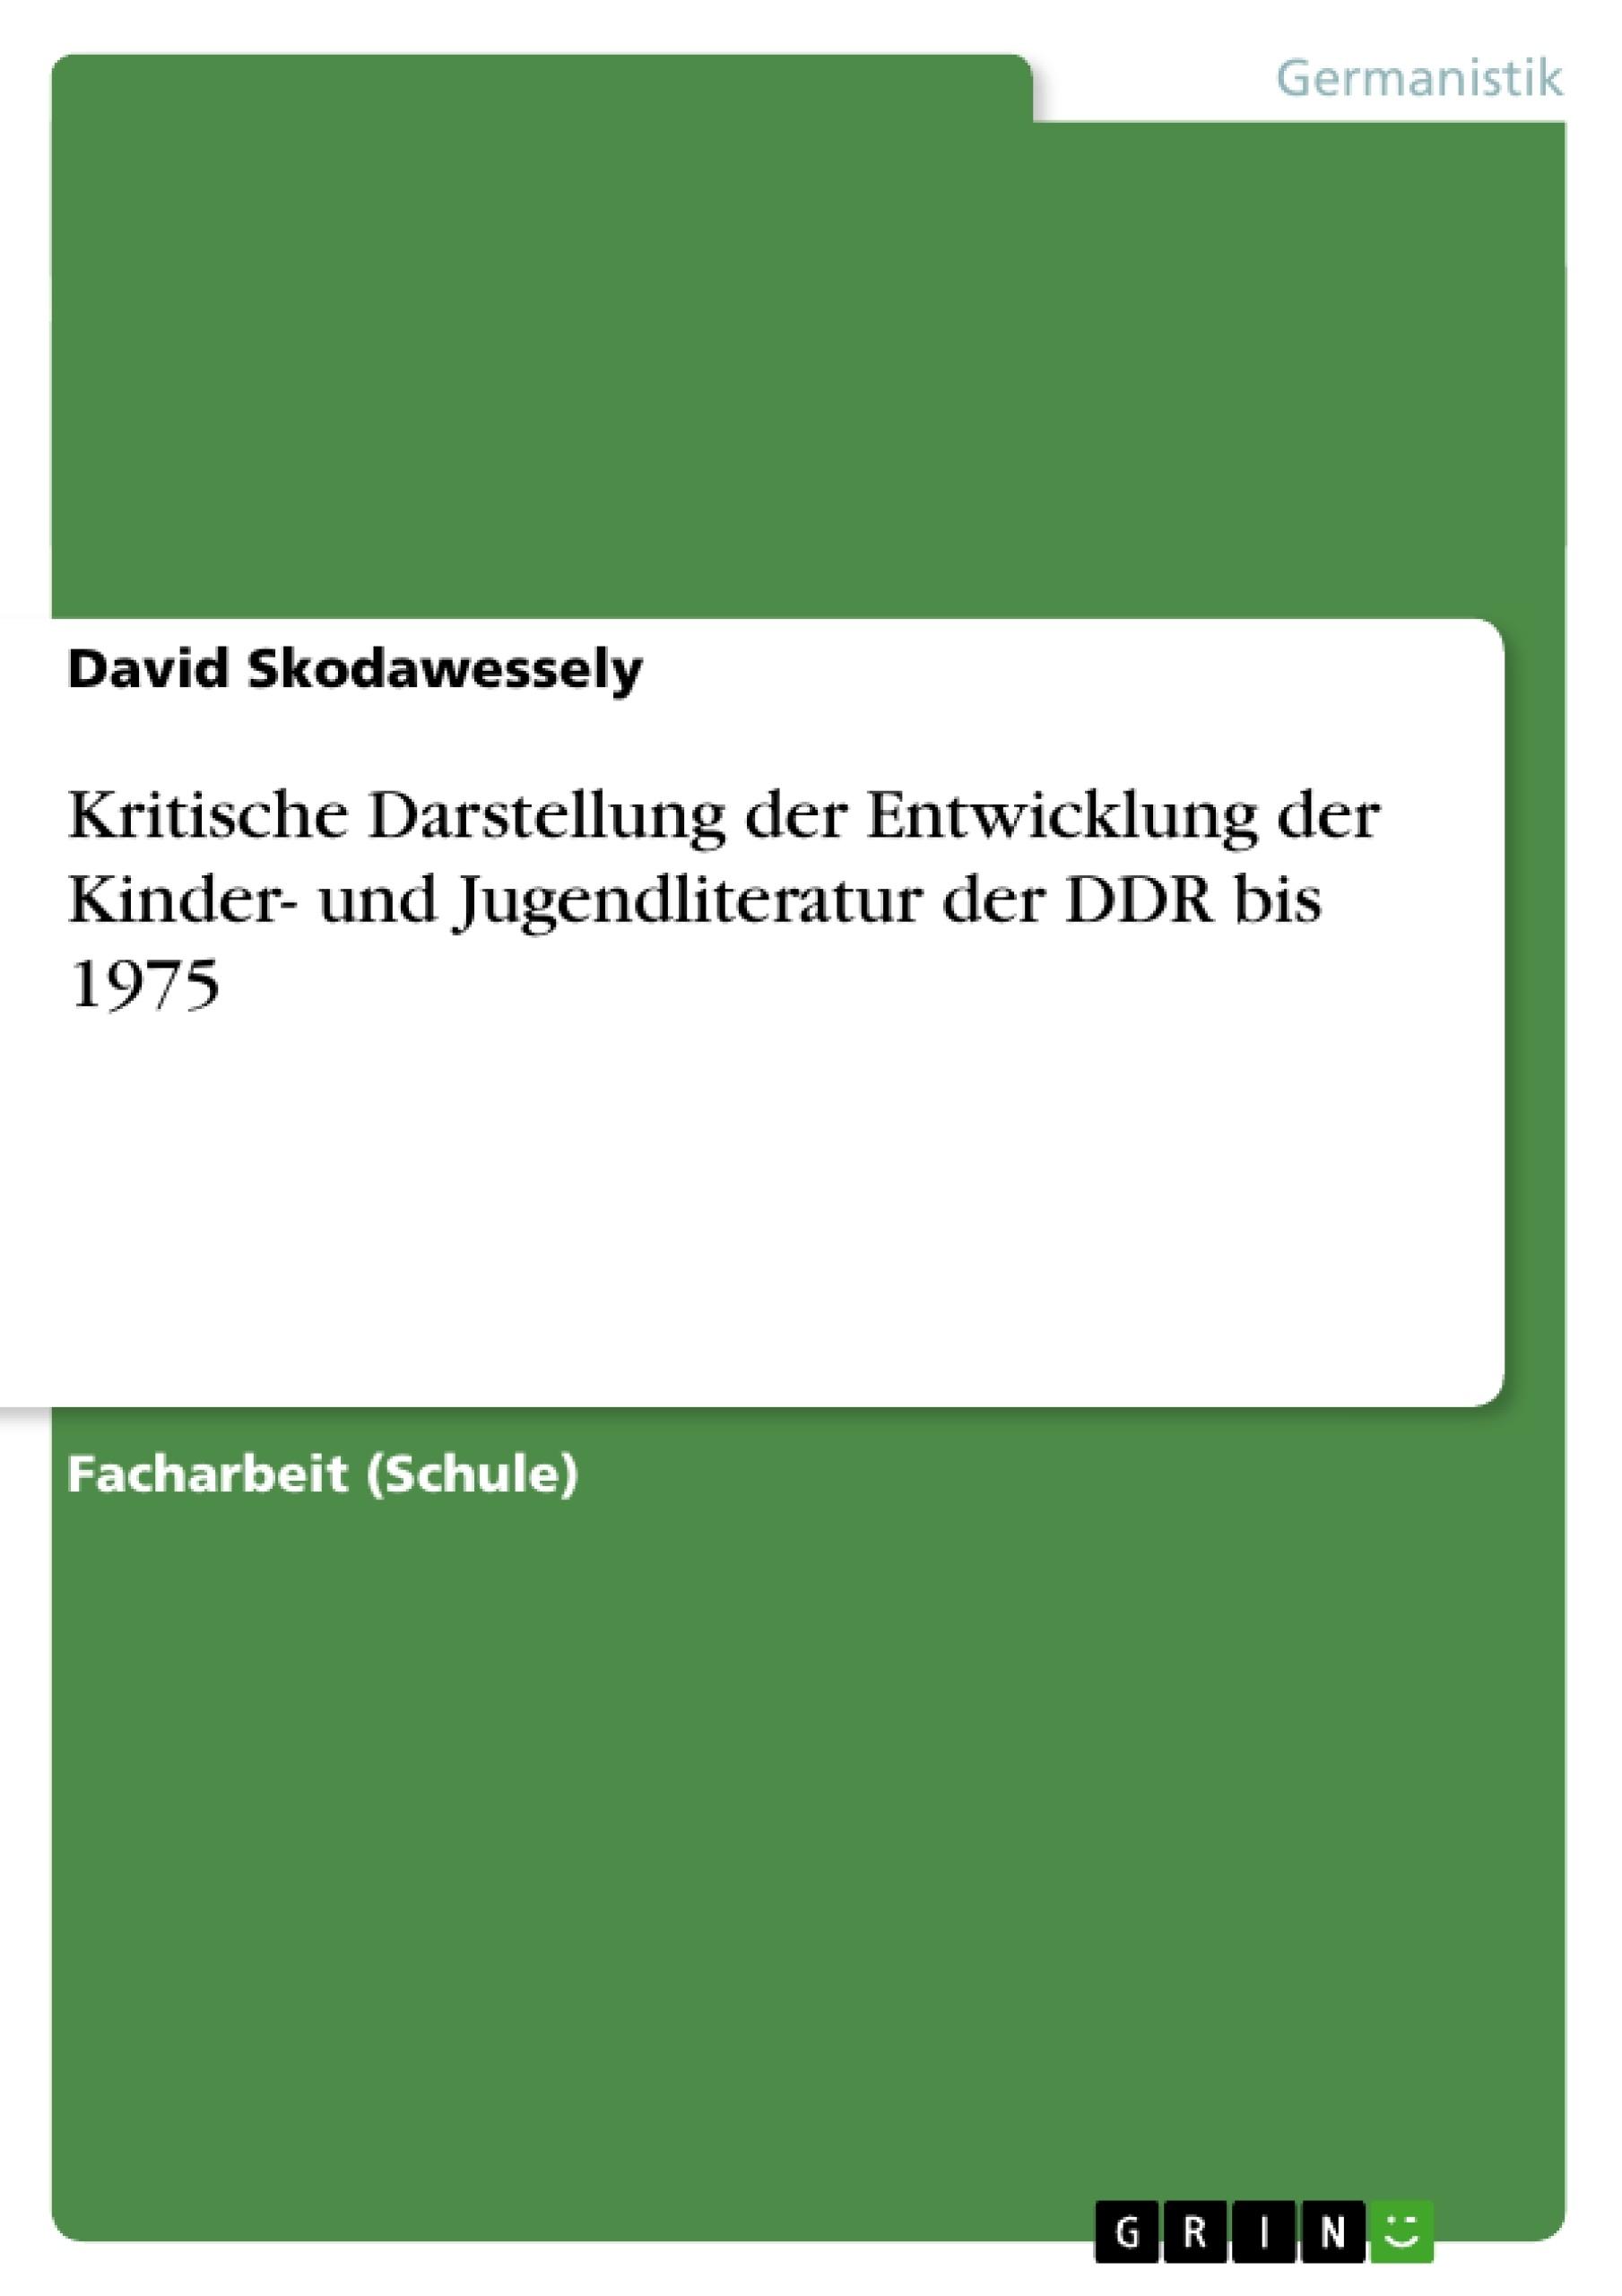 Titel: Kritische Darstellung der Entwicklung der Kinder- und Jugendliteratur der DDR bis 1975